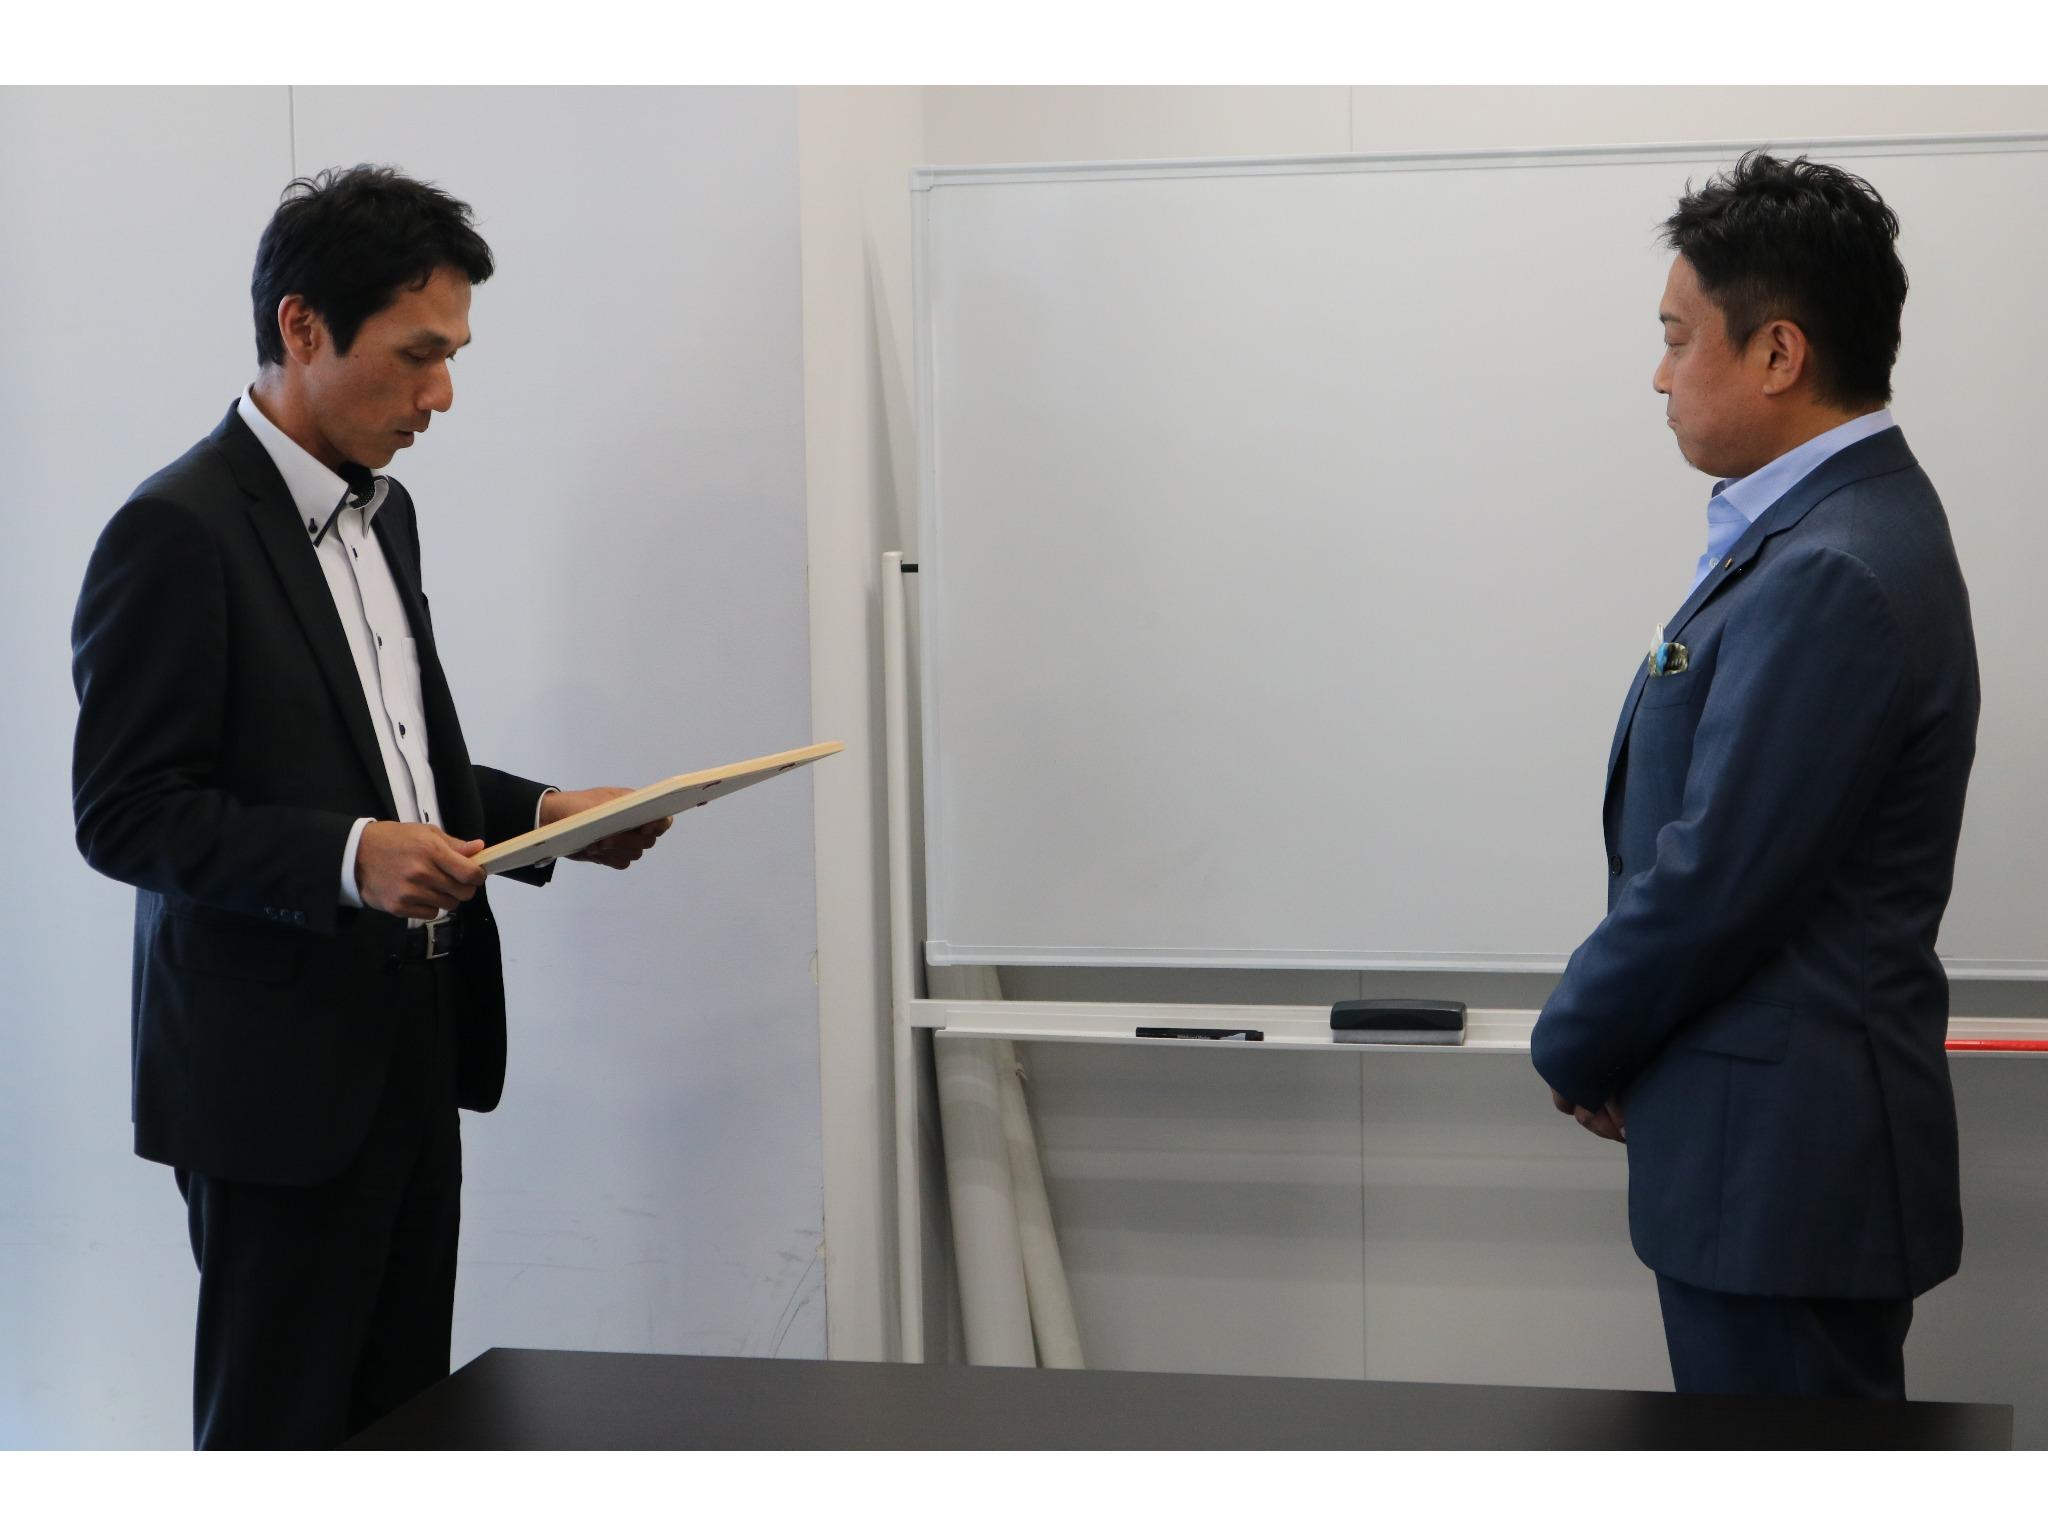 早崎本部長様と弊社代表の金子